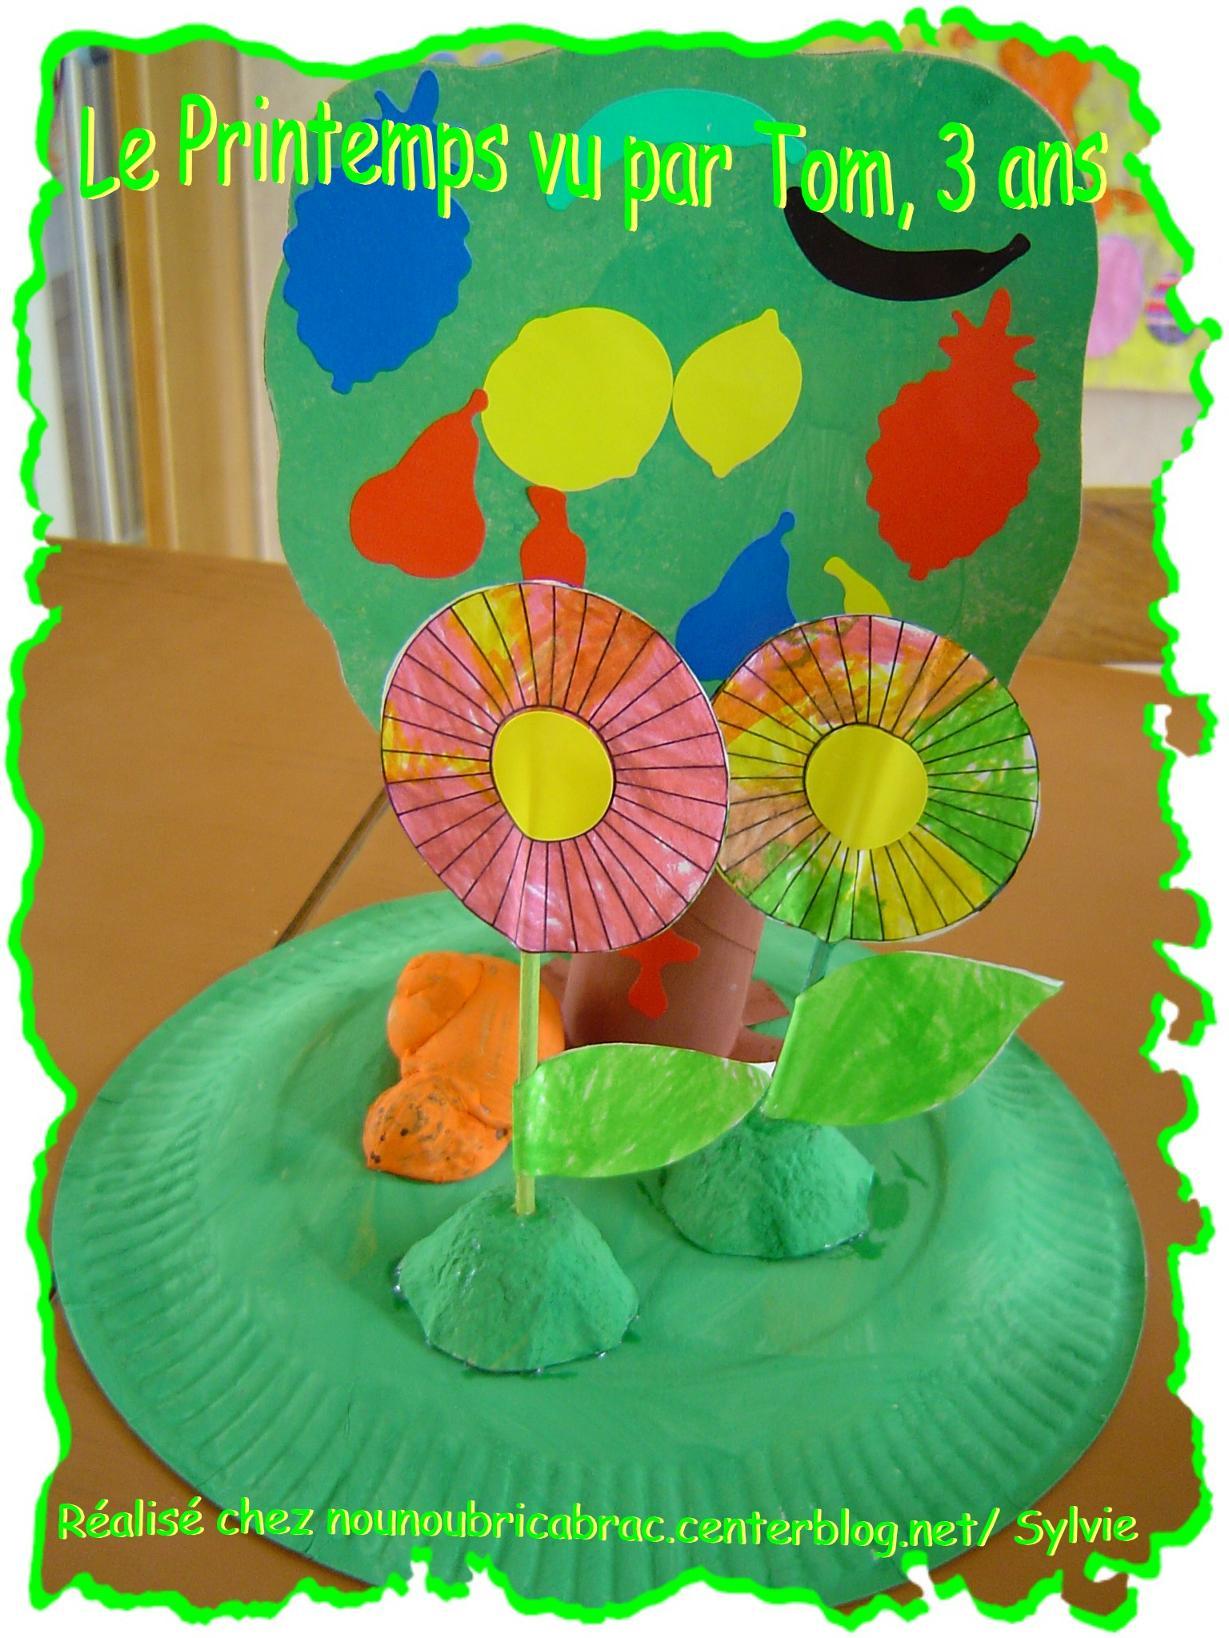 Petit Décor Printanier... réalisé par Tom, 3 ans